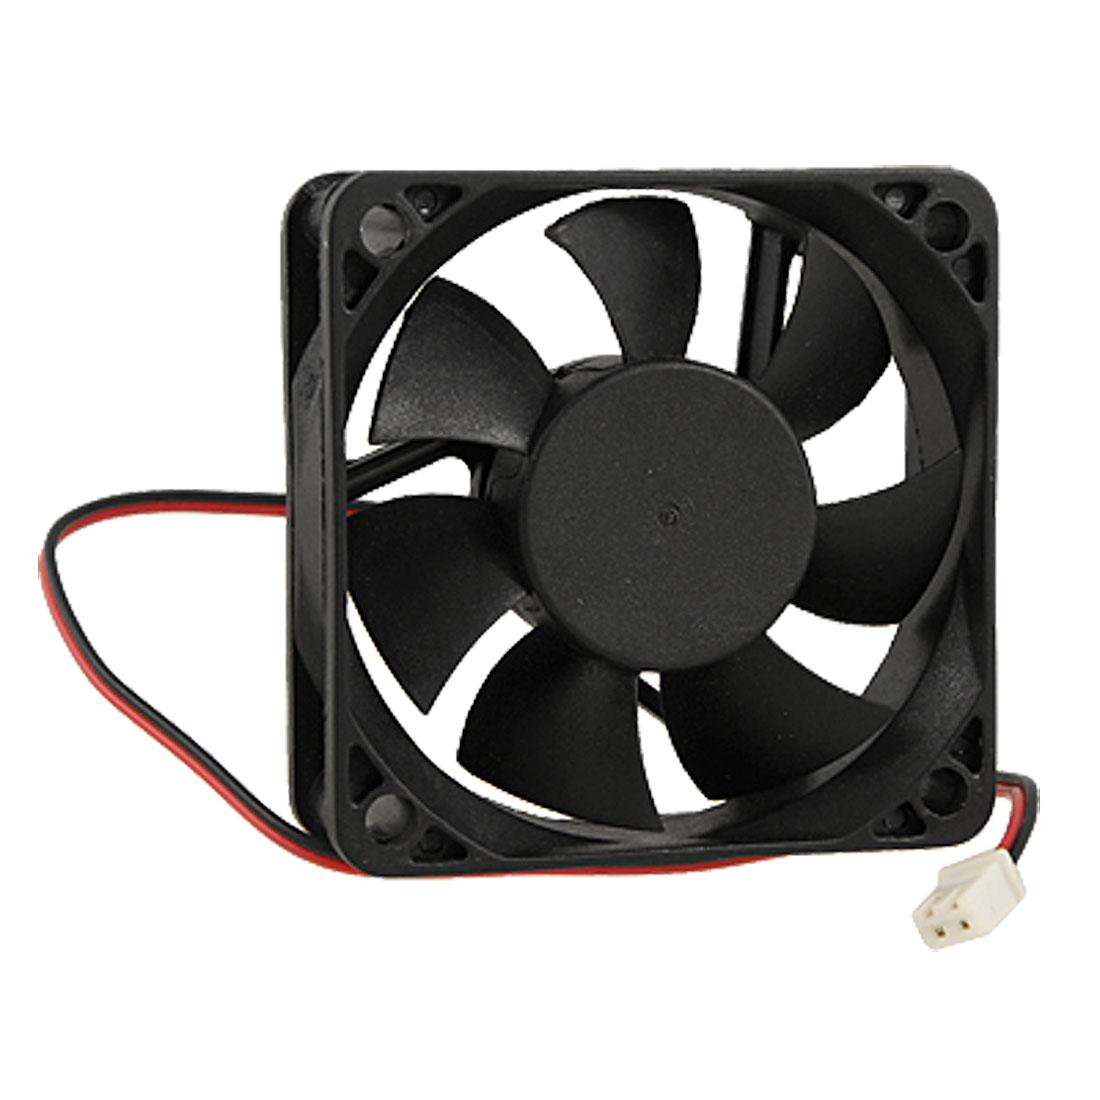 Black Plastic Brushless DC 12V 0.18A 60mm Square Cooling Fan Cooler